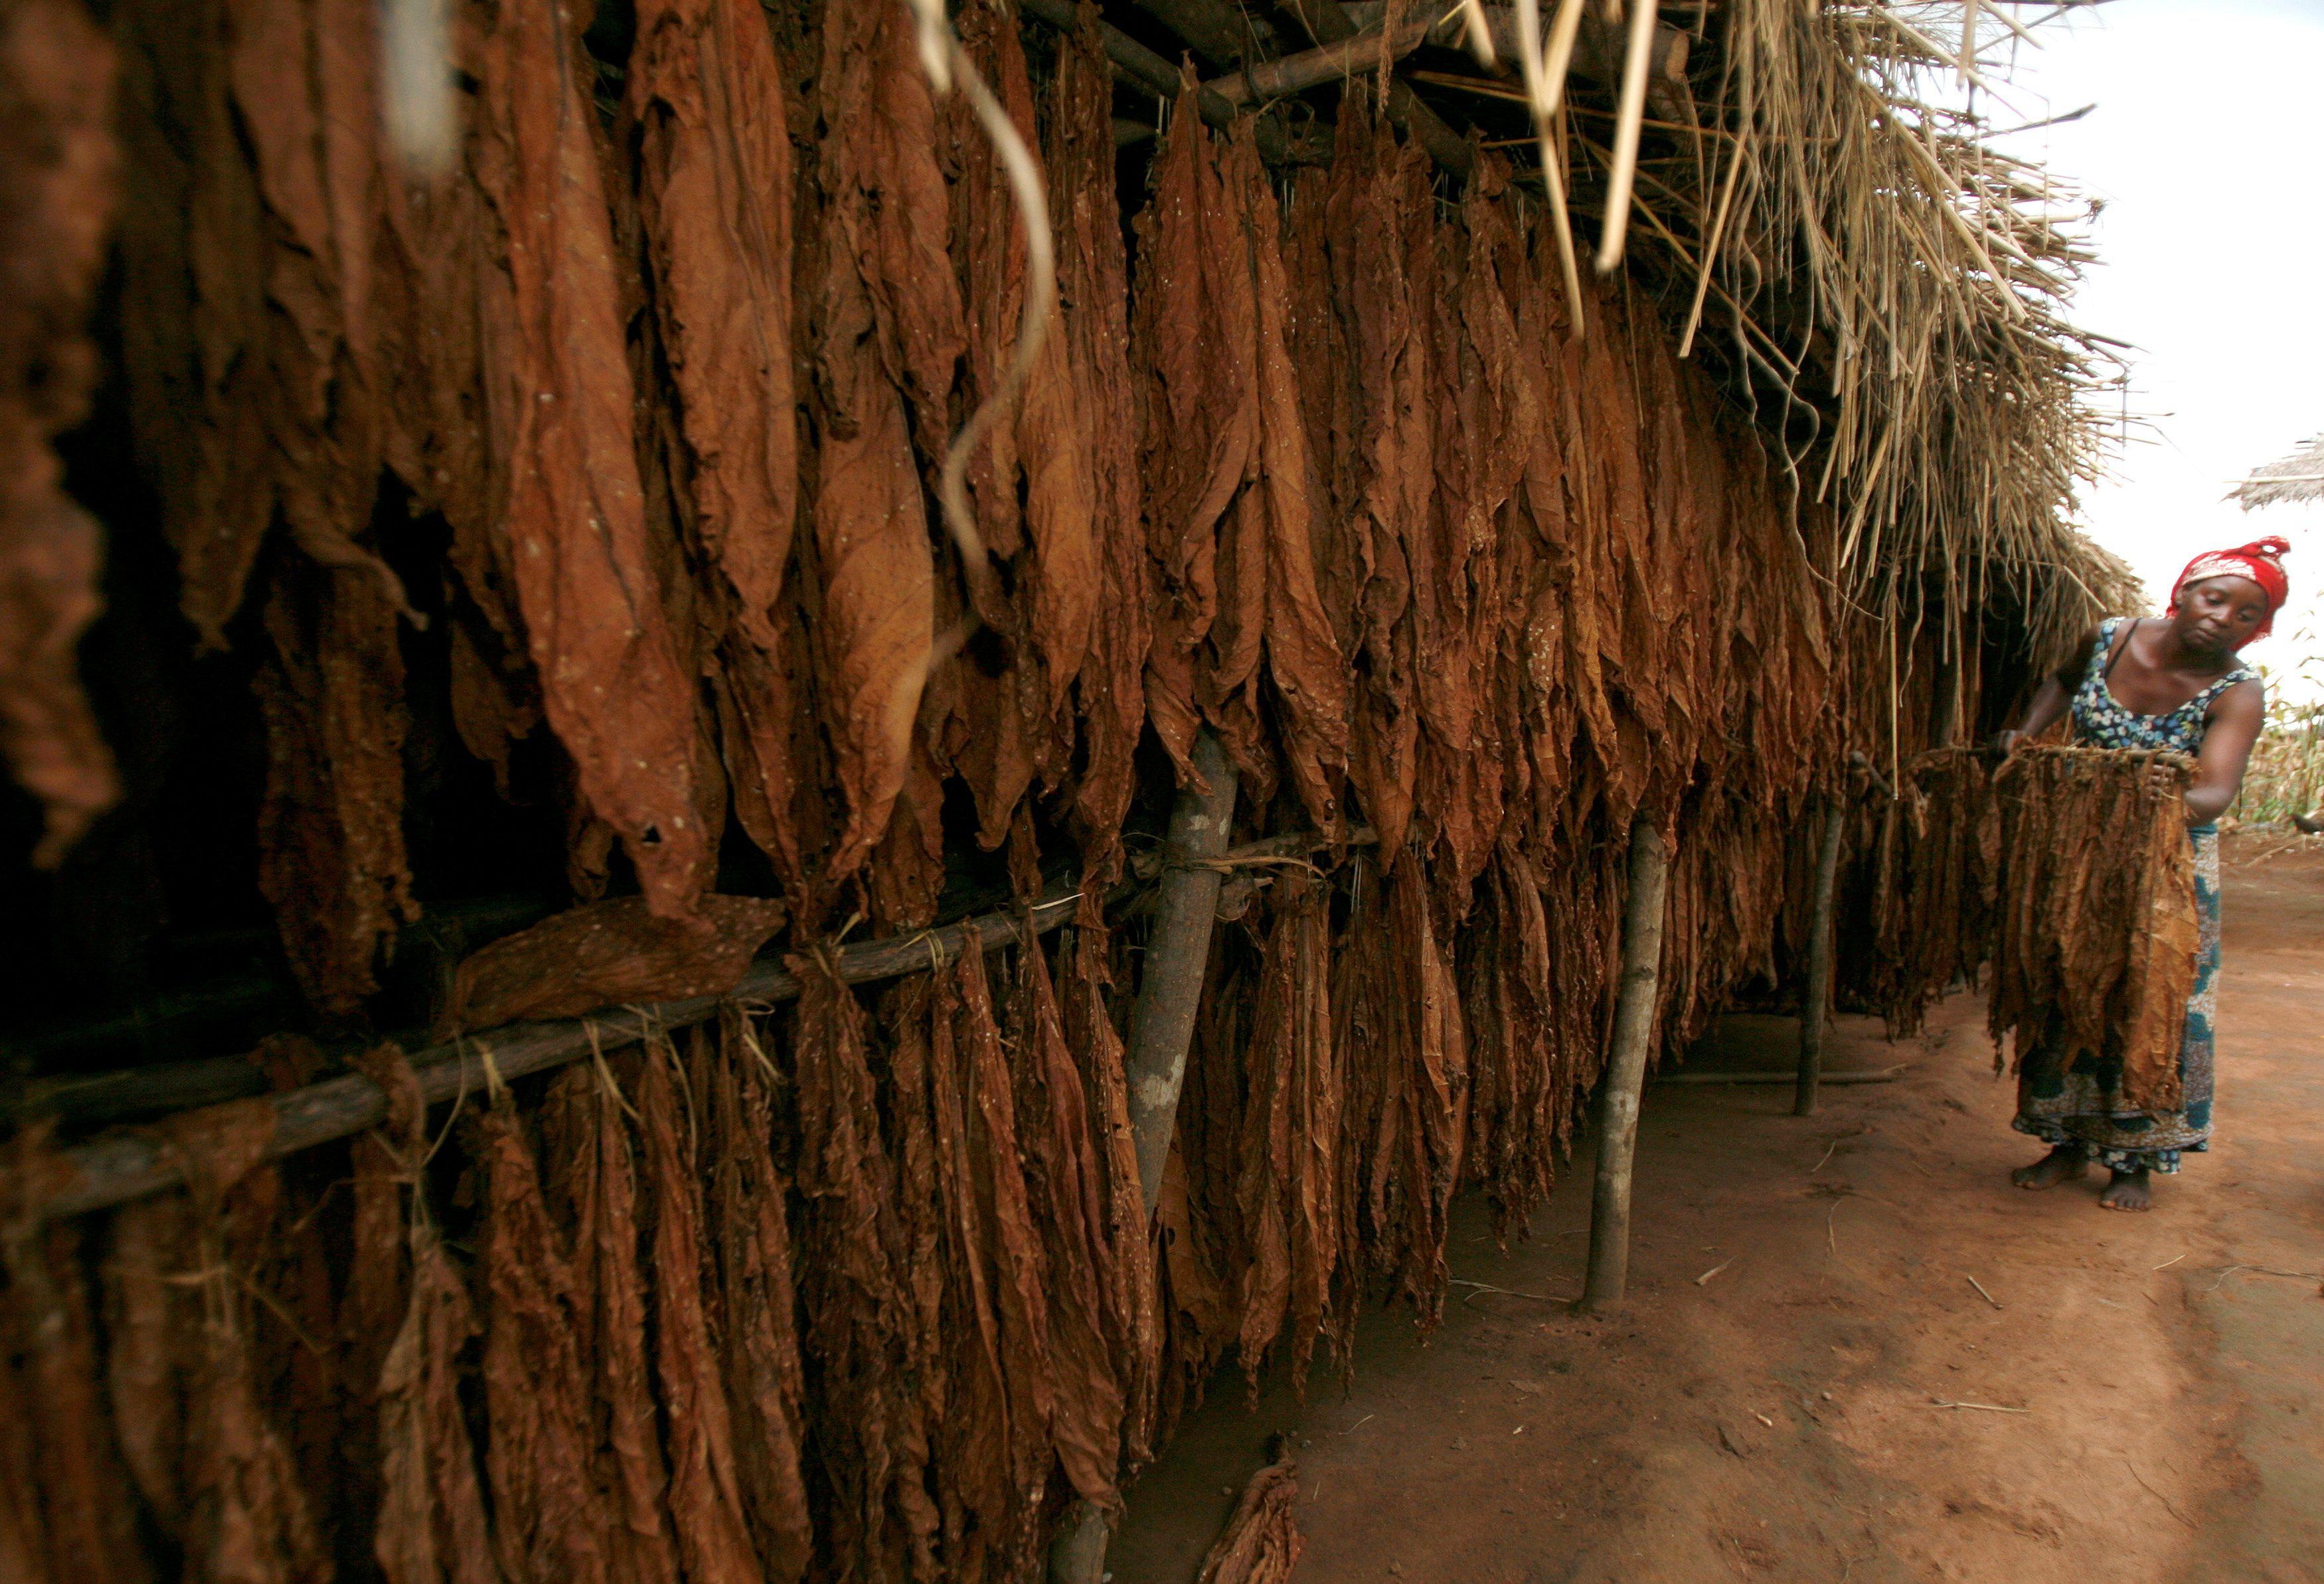 Es poco probable que las semillas de tabaco se hayan depositado en el hogar de forma natural, dicen los investigadores (REUTERS)